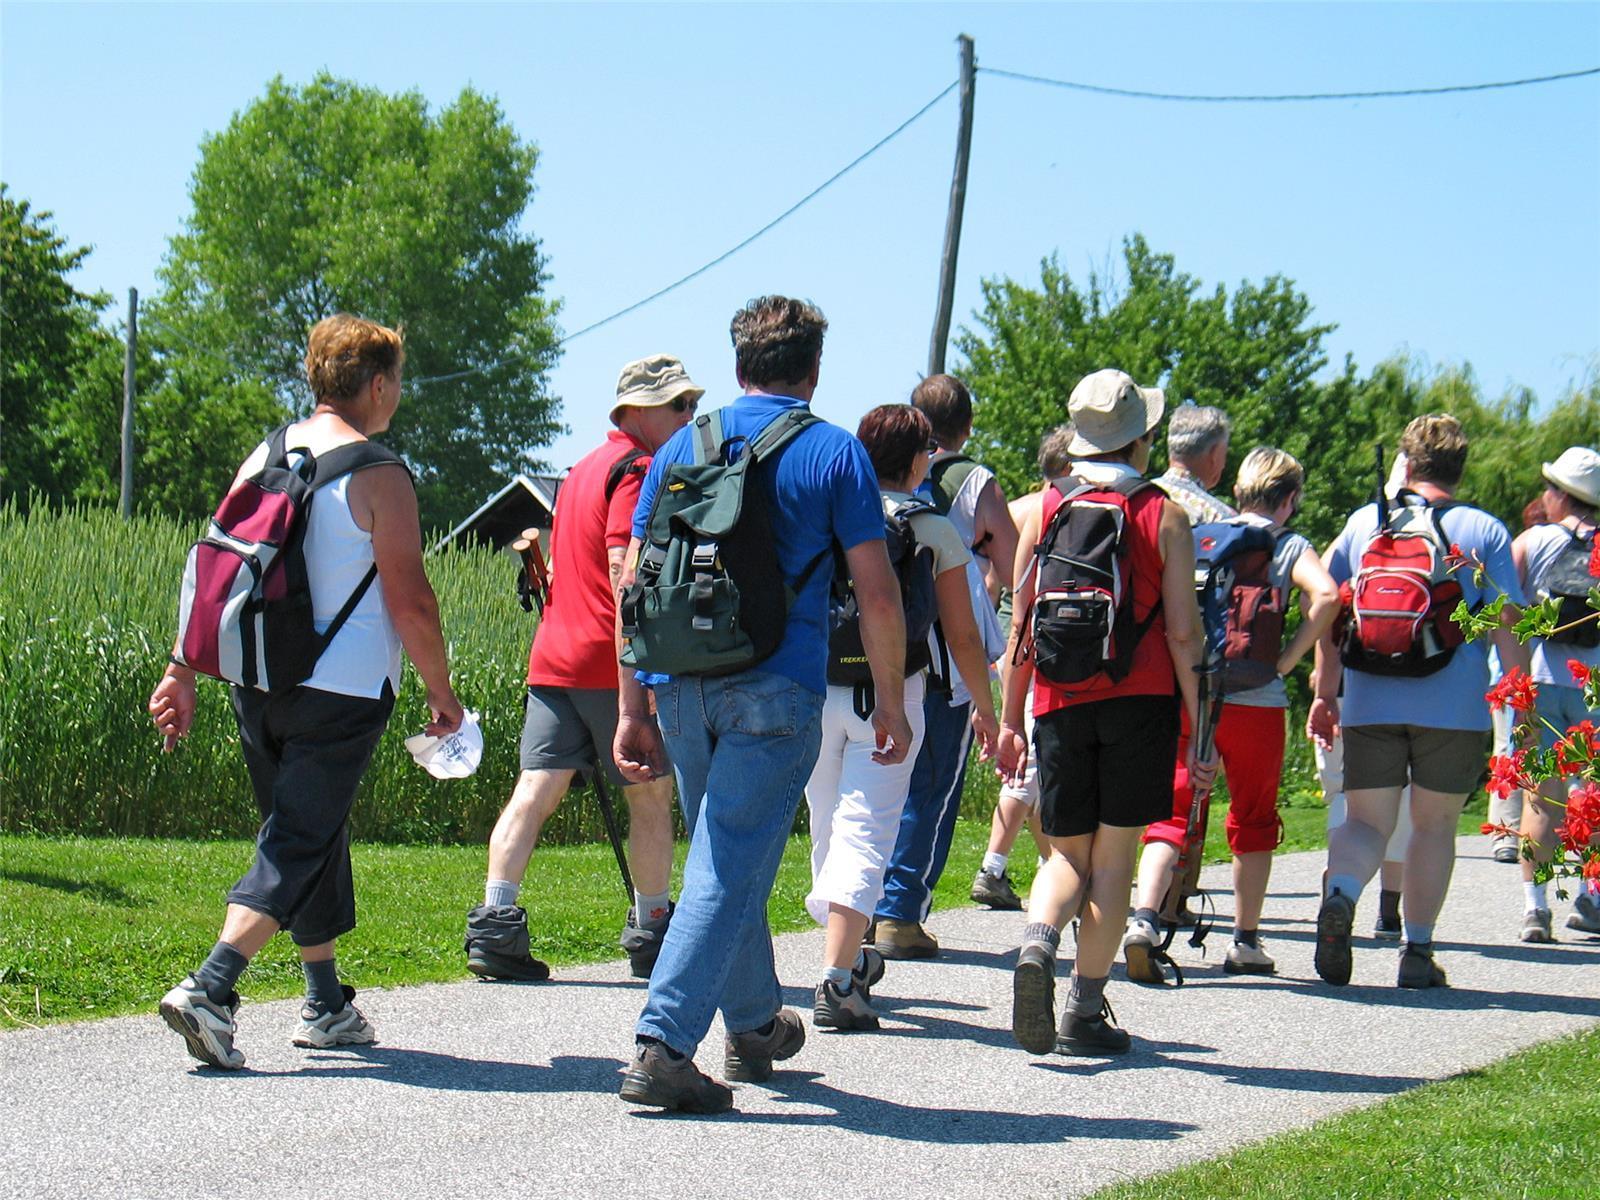 Vseslovenski pohod po poti generala Maistra tokrat v občini Sv. Jurij v Slovenskih goricah